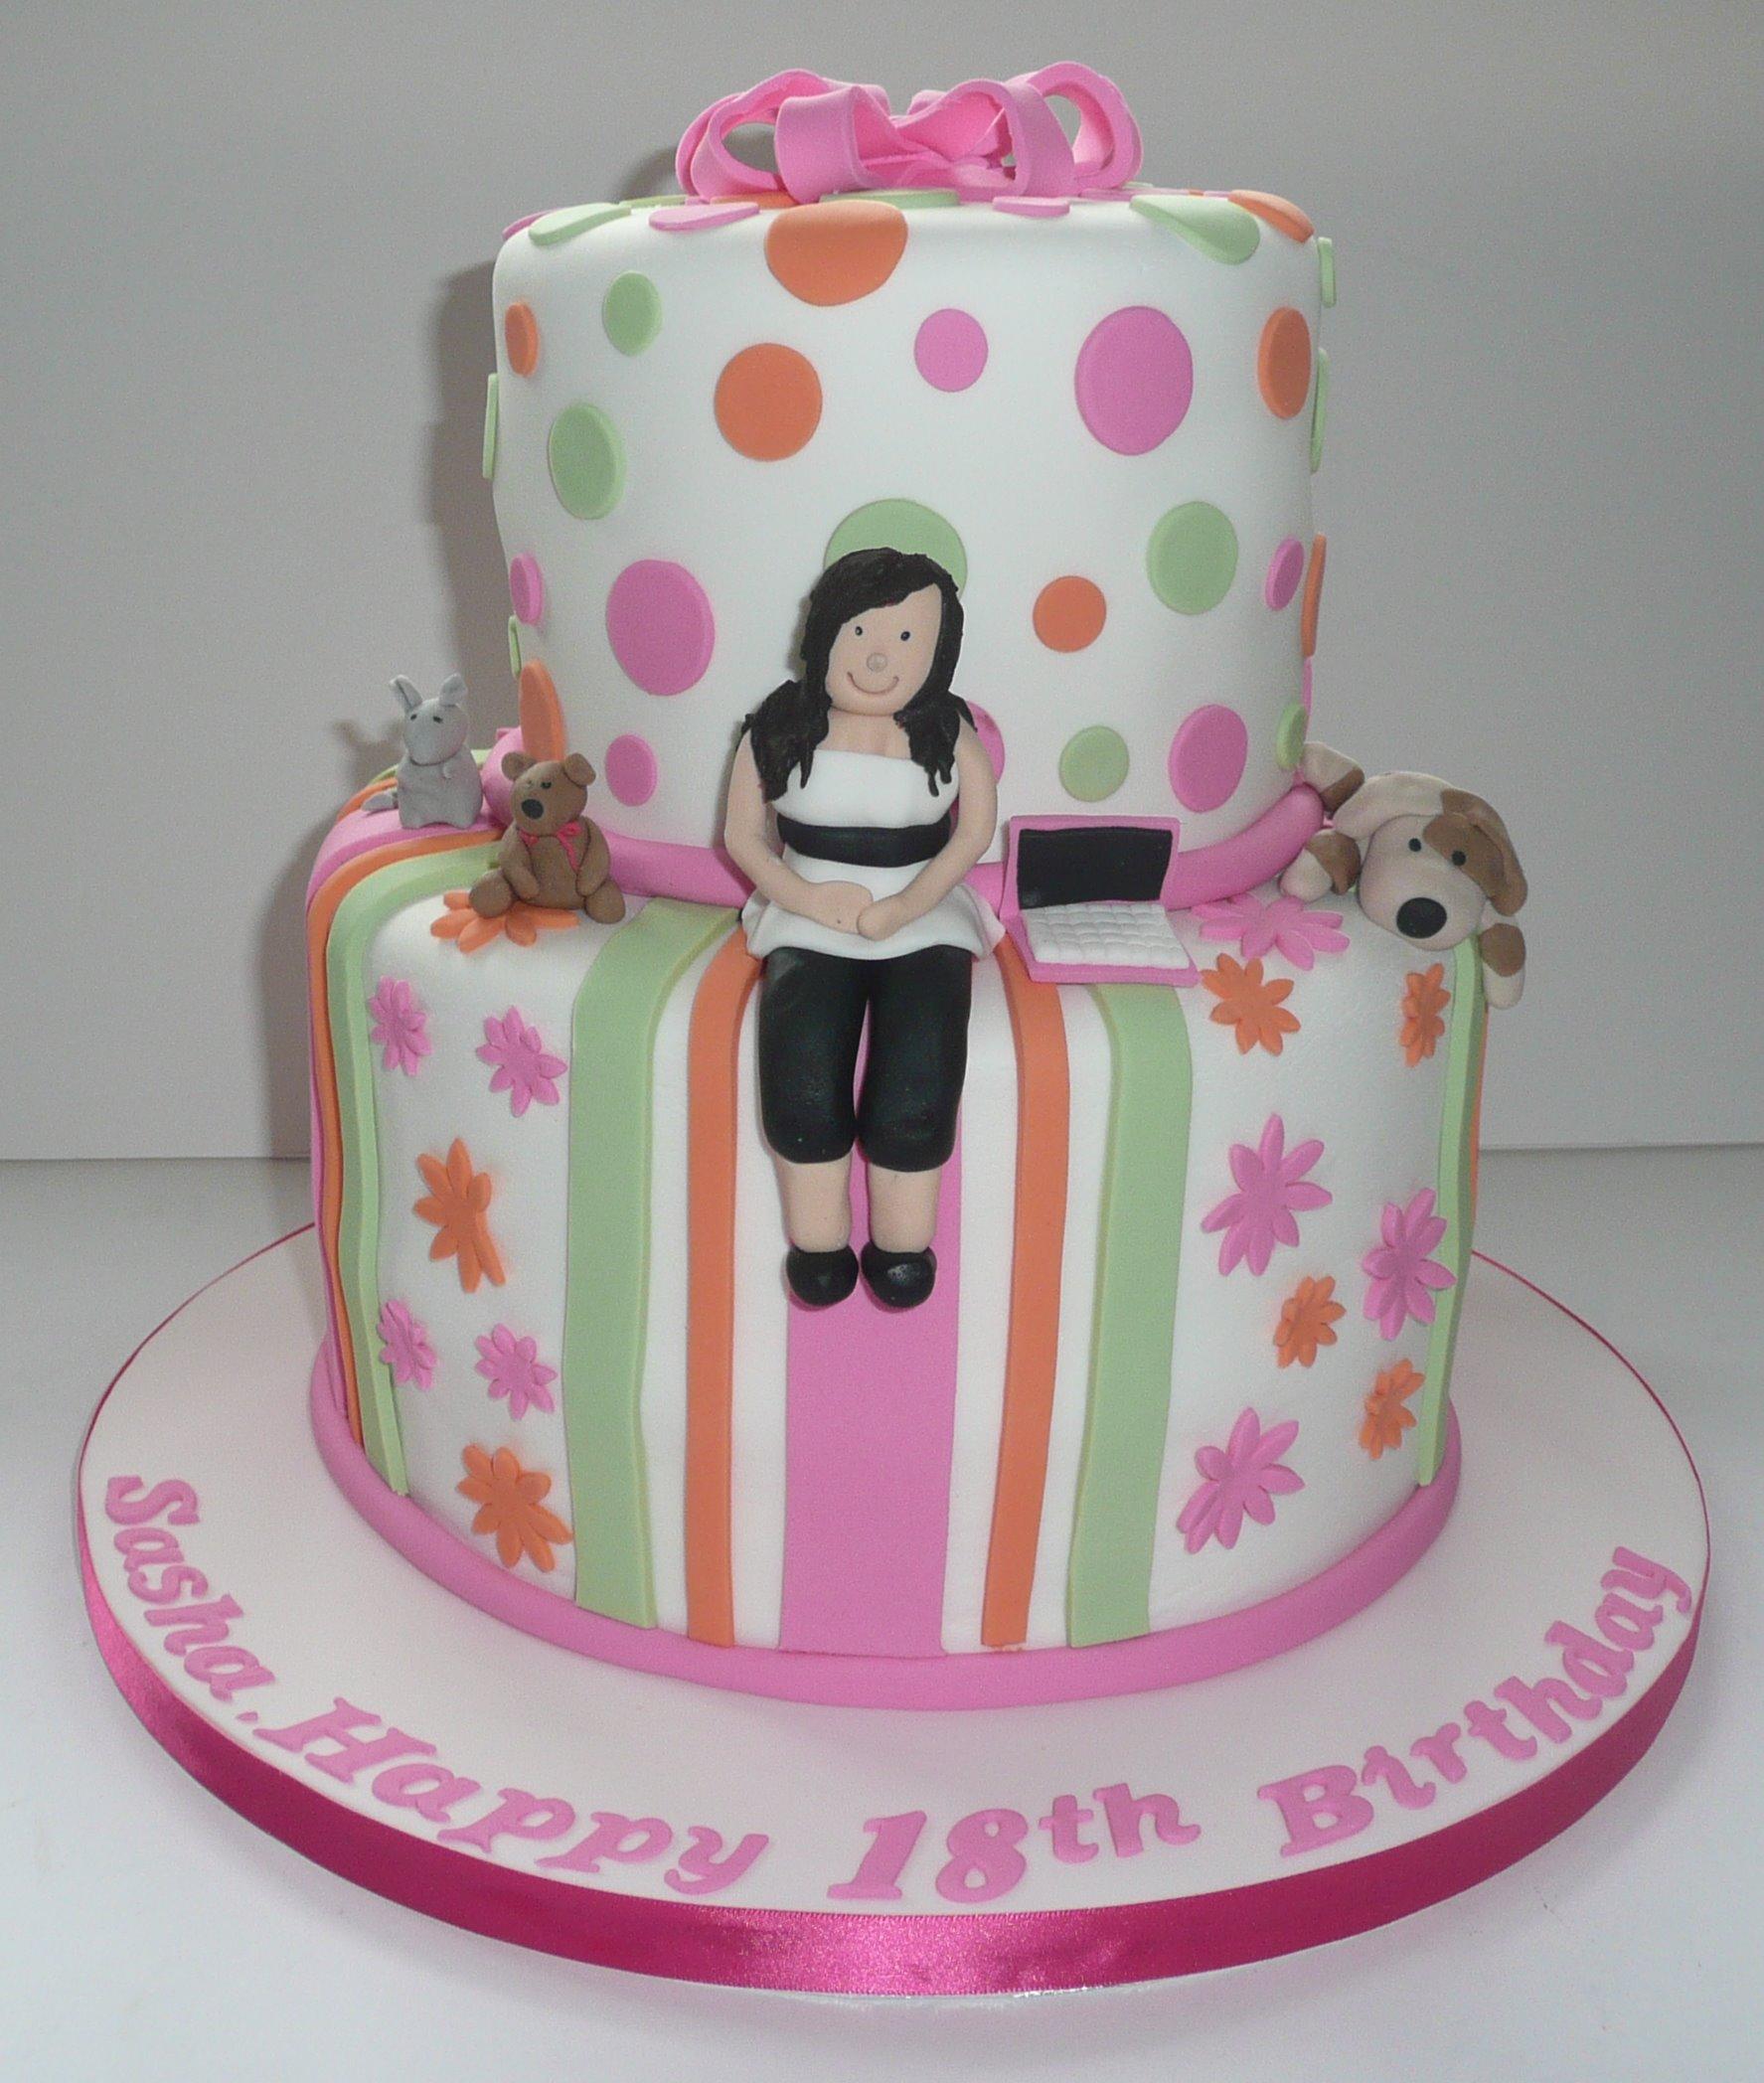 Fullsize Of Birthday Cakes For Girls